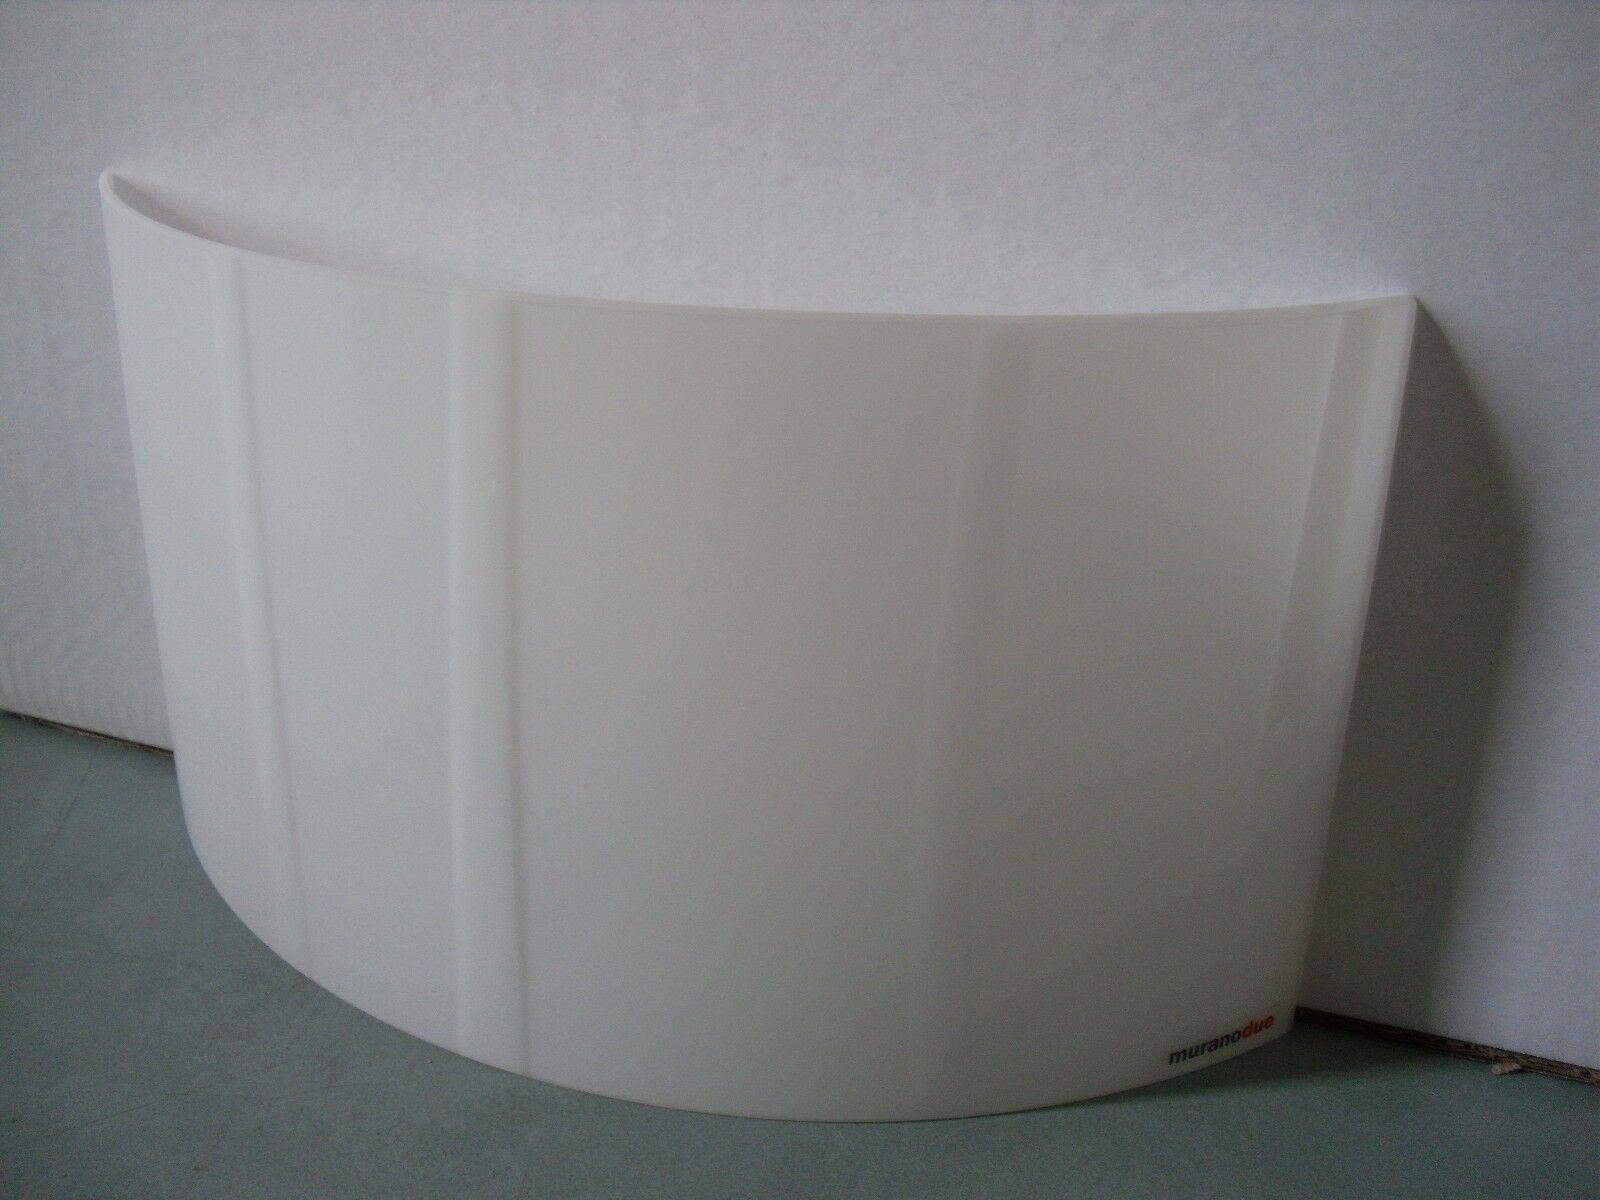 Applique talia bianca murano due in vetro vetro vetro e nichel